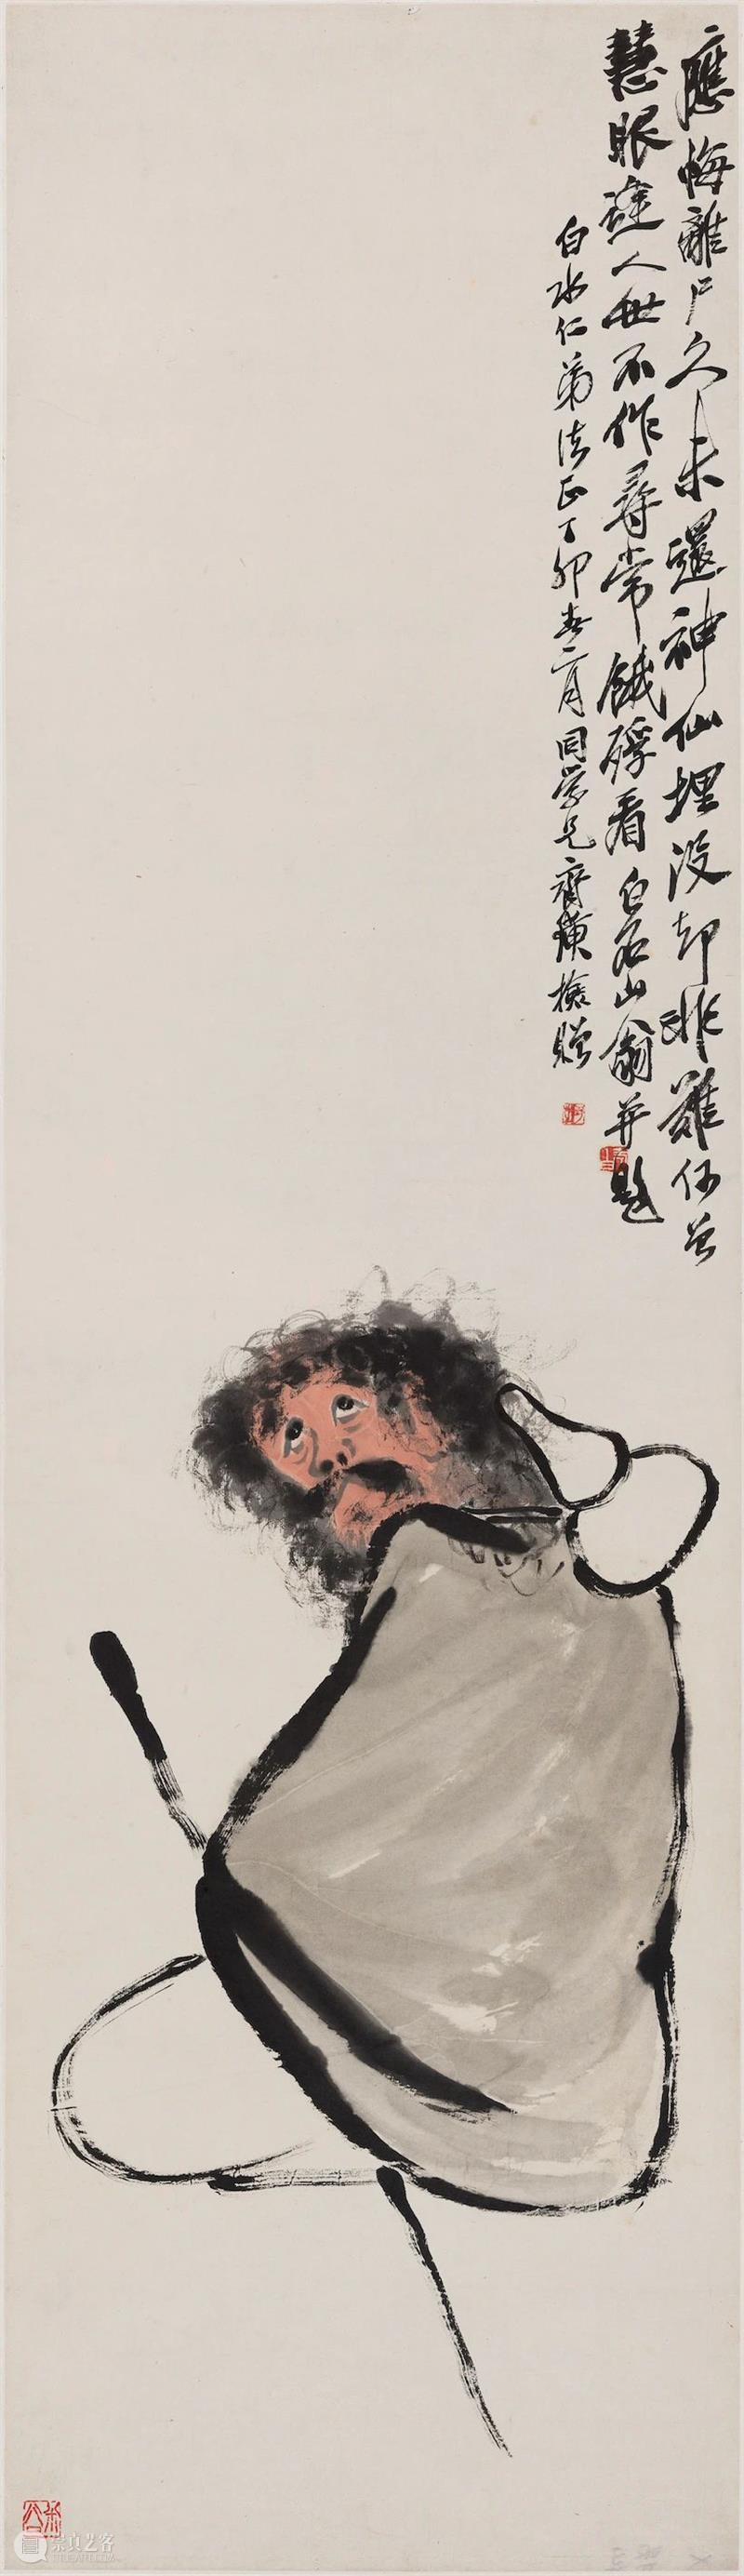 生命惊奇系列讲座 20世纪中国画人物画浅谈 生命 系列 讲座 中国 人物 泰康保险集团 艺术 收藏展 人物画 202114:00 崇真艺客